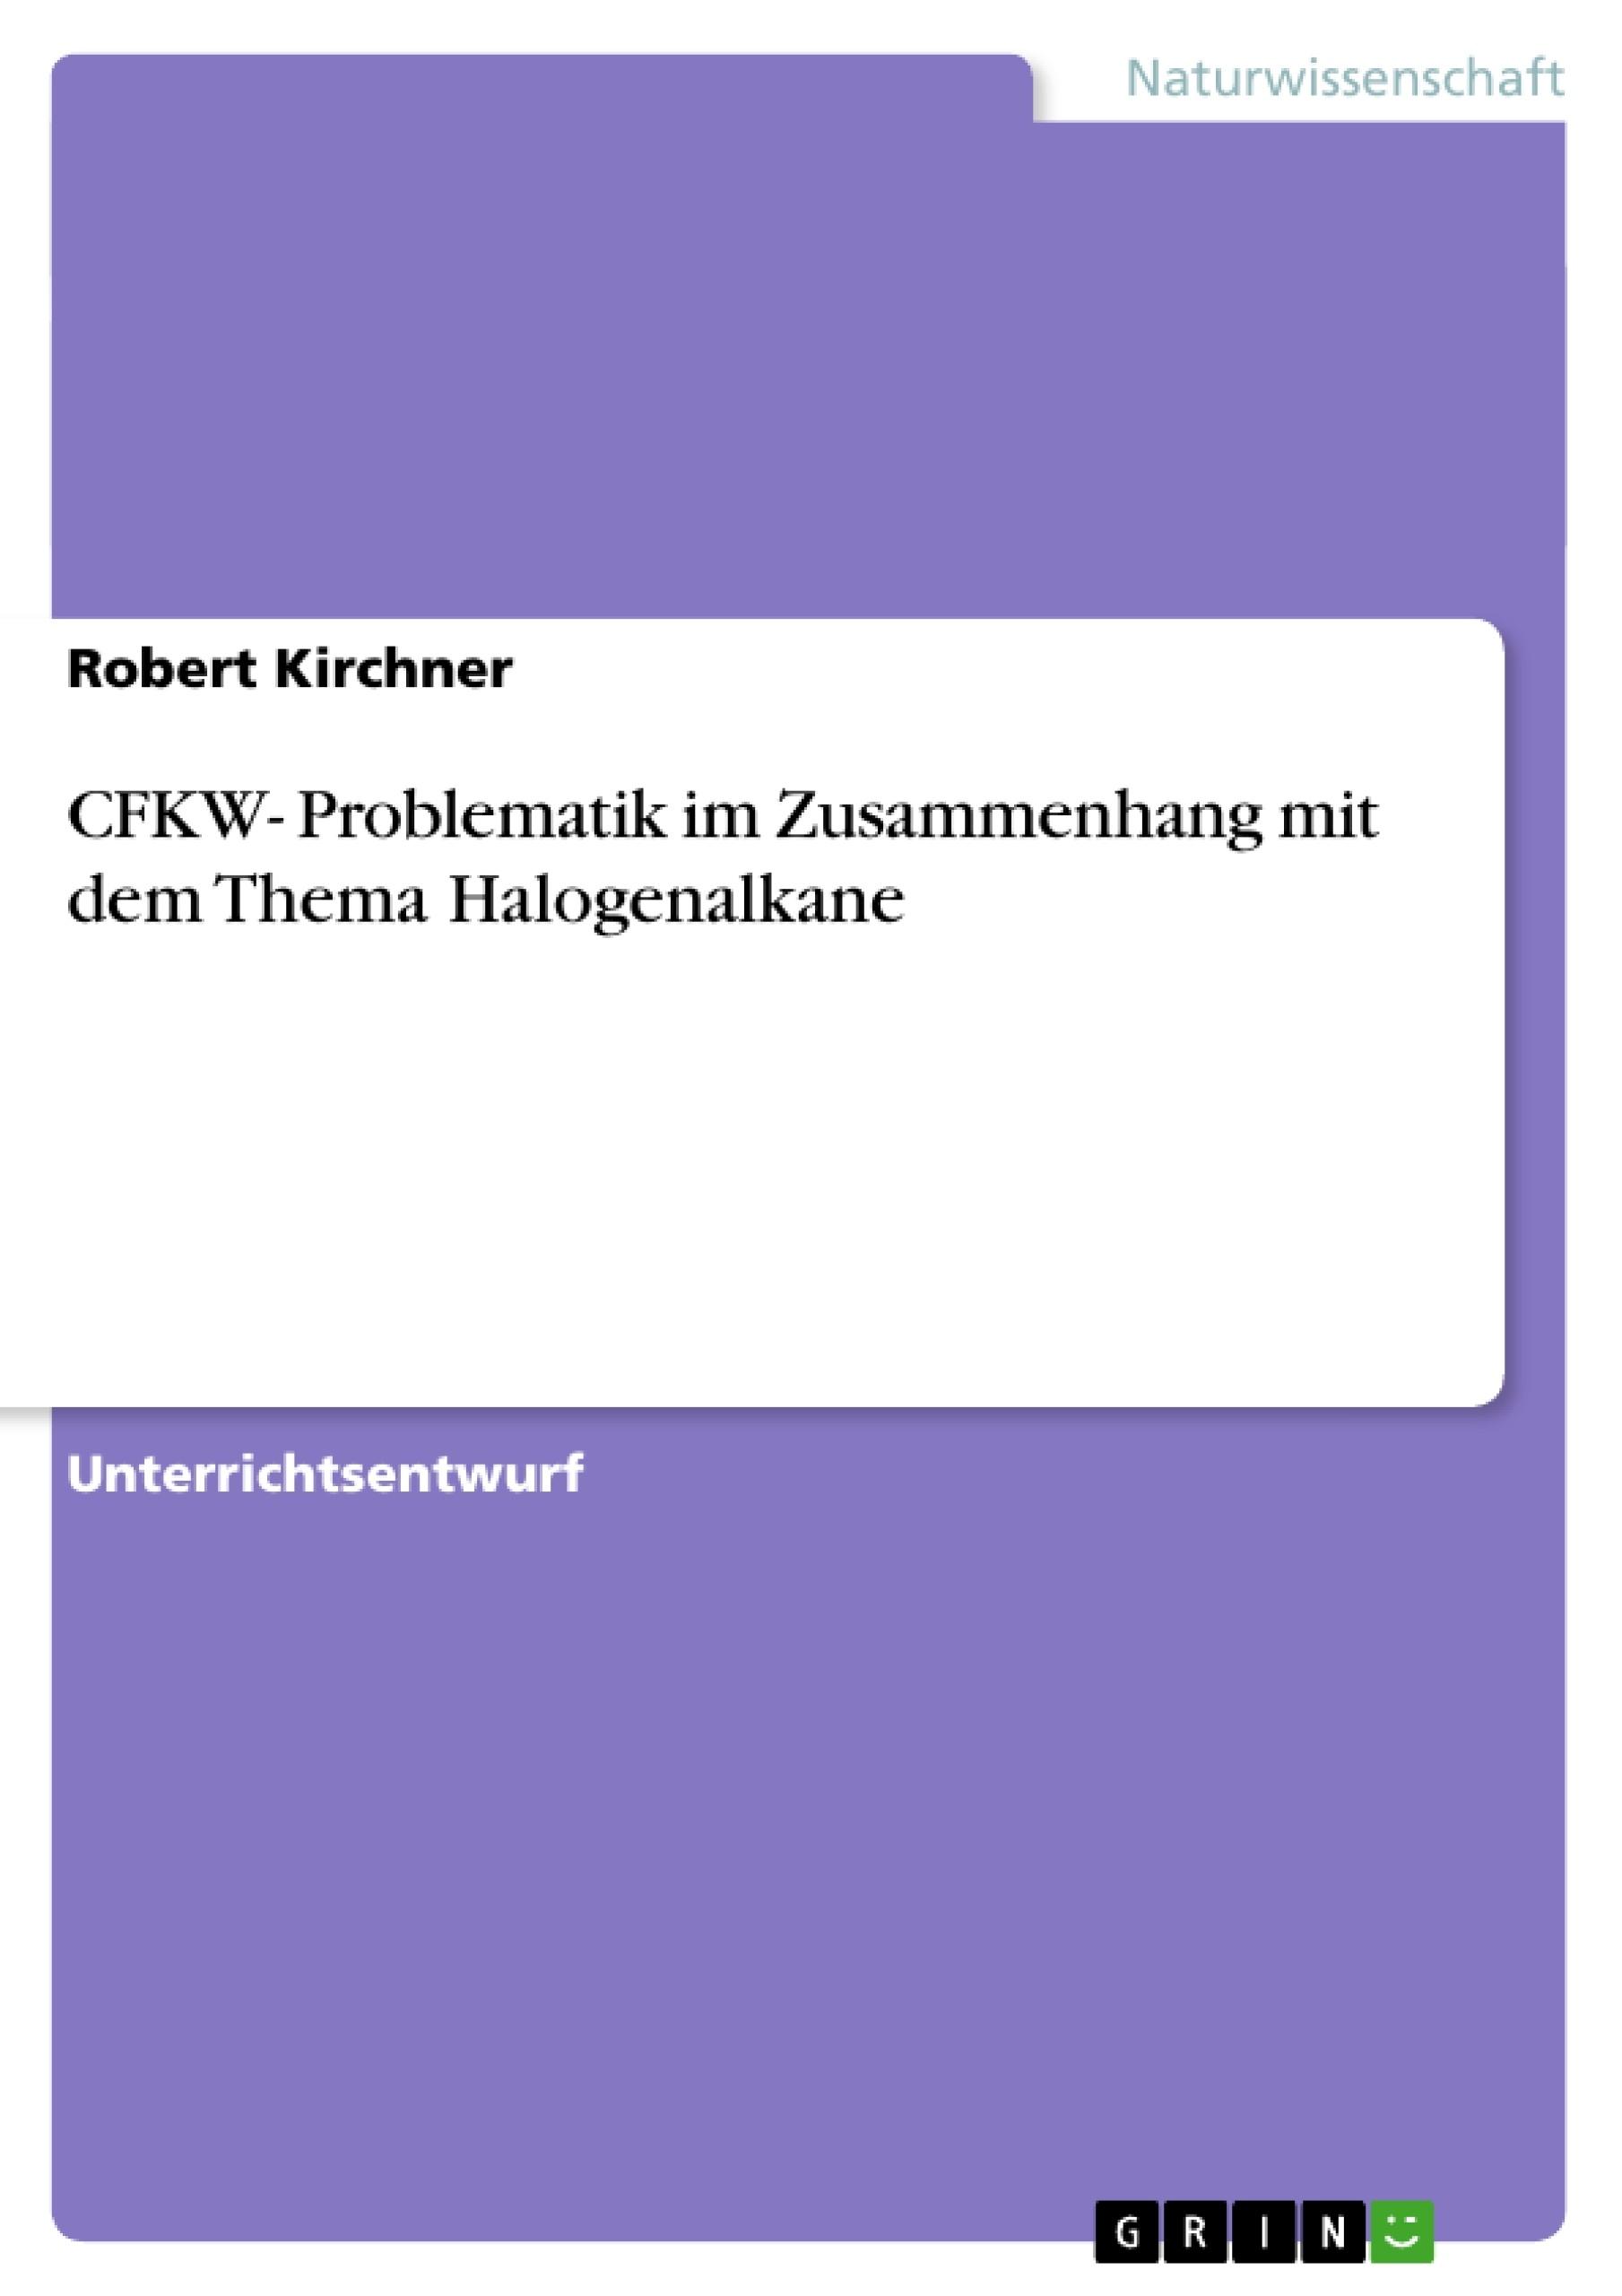 Titel: CFKW- Problematik im Zusammenhang mit dem Thema Halogenalkane